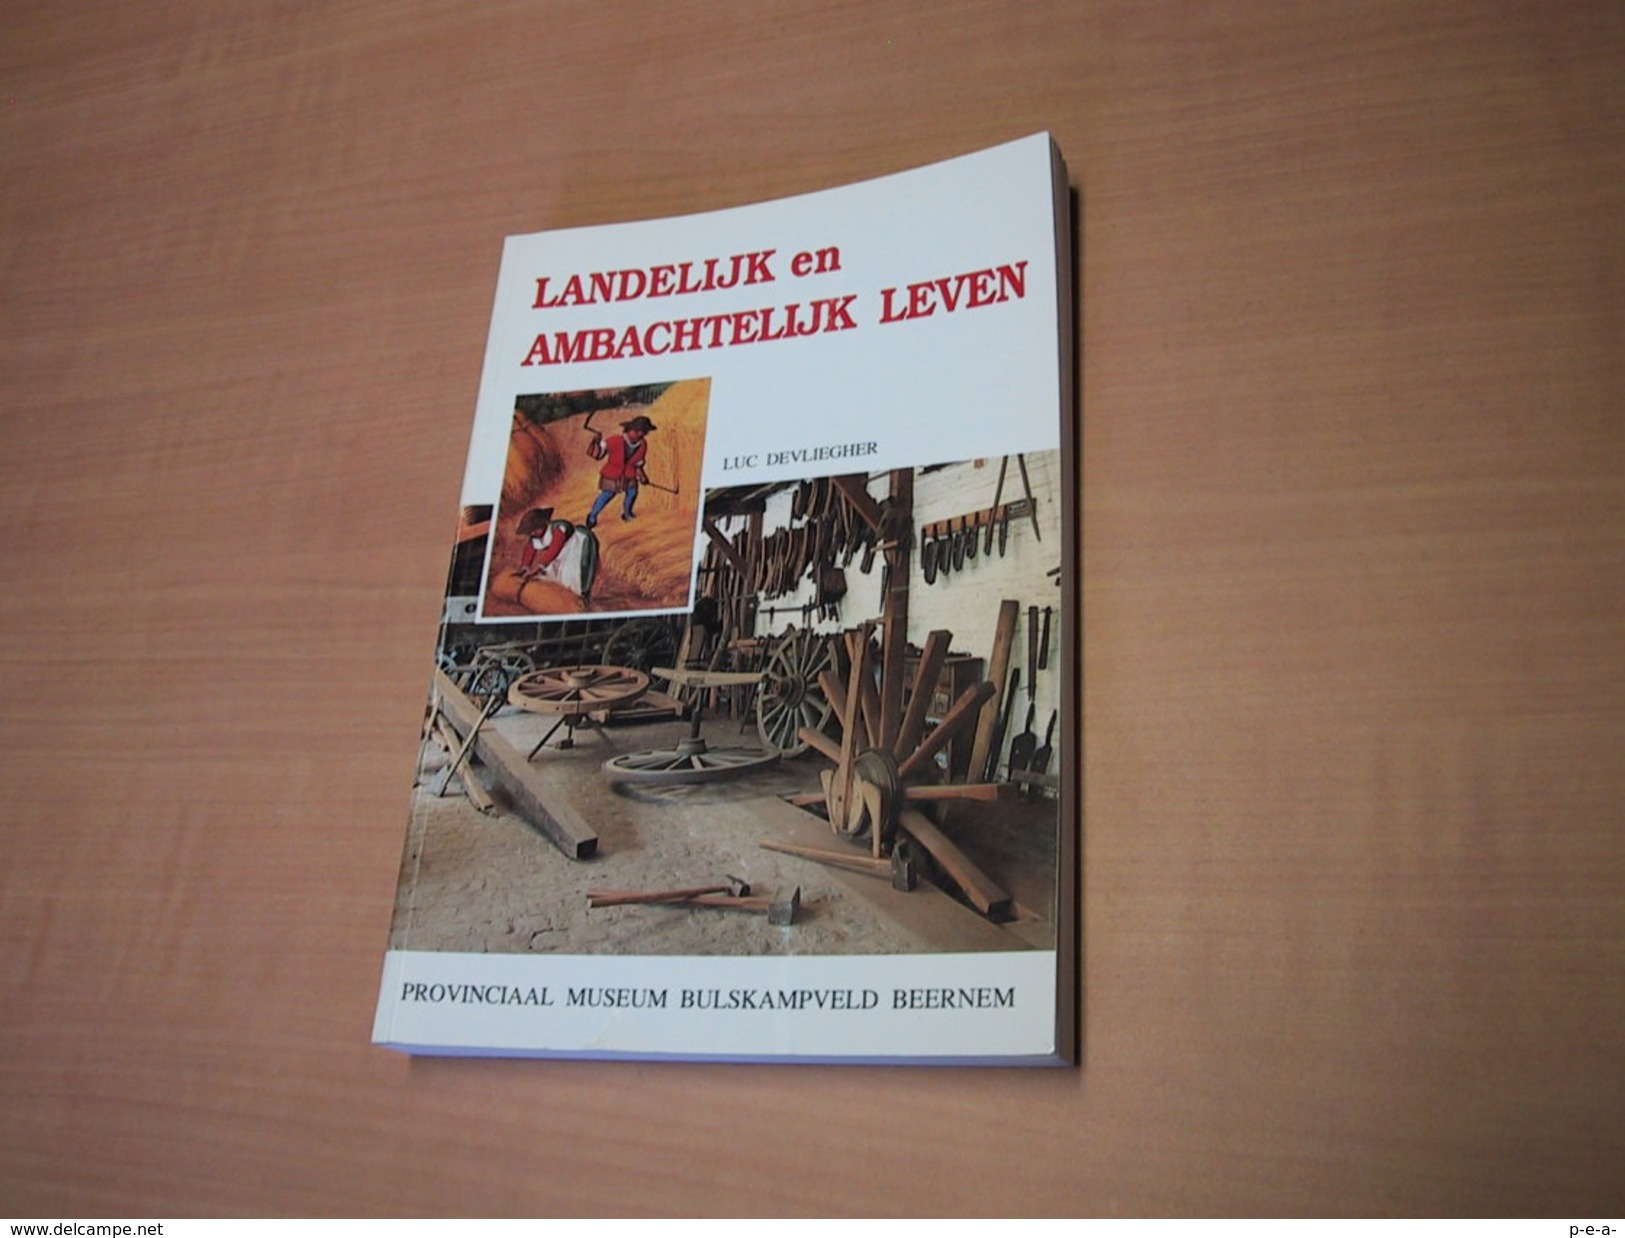 Landelijk En Ambachtelijk Leven. Provinciaal Museum Bulskampveld Beernem - Libros, Revistas, Cómics